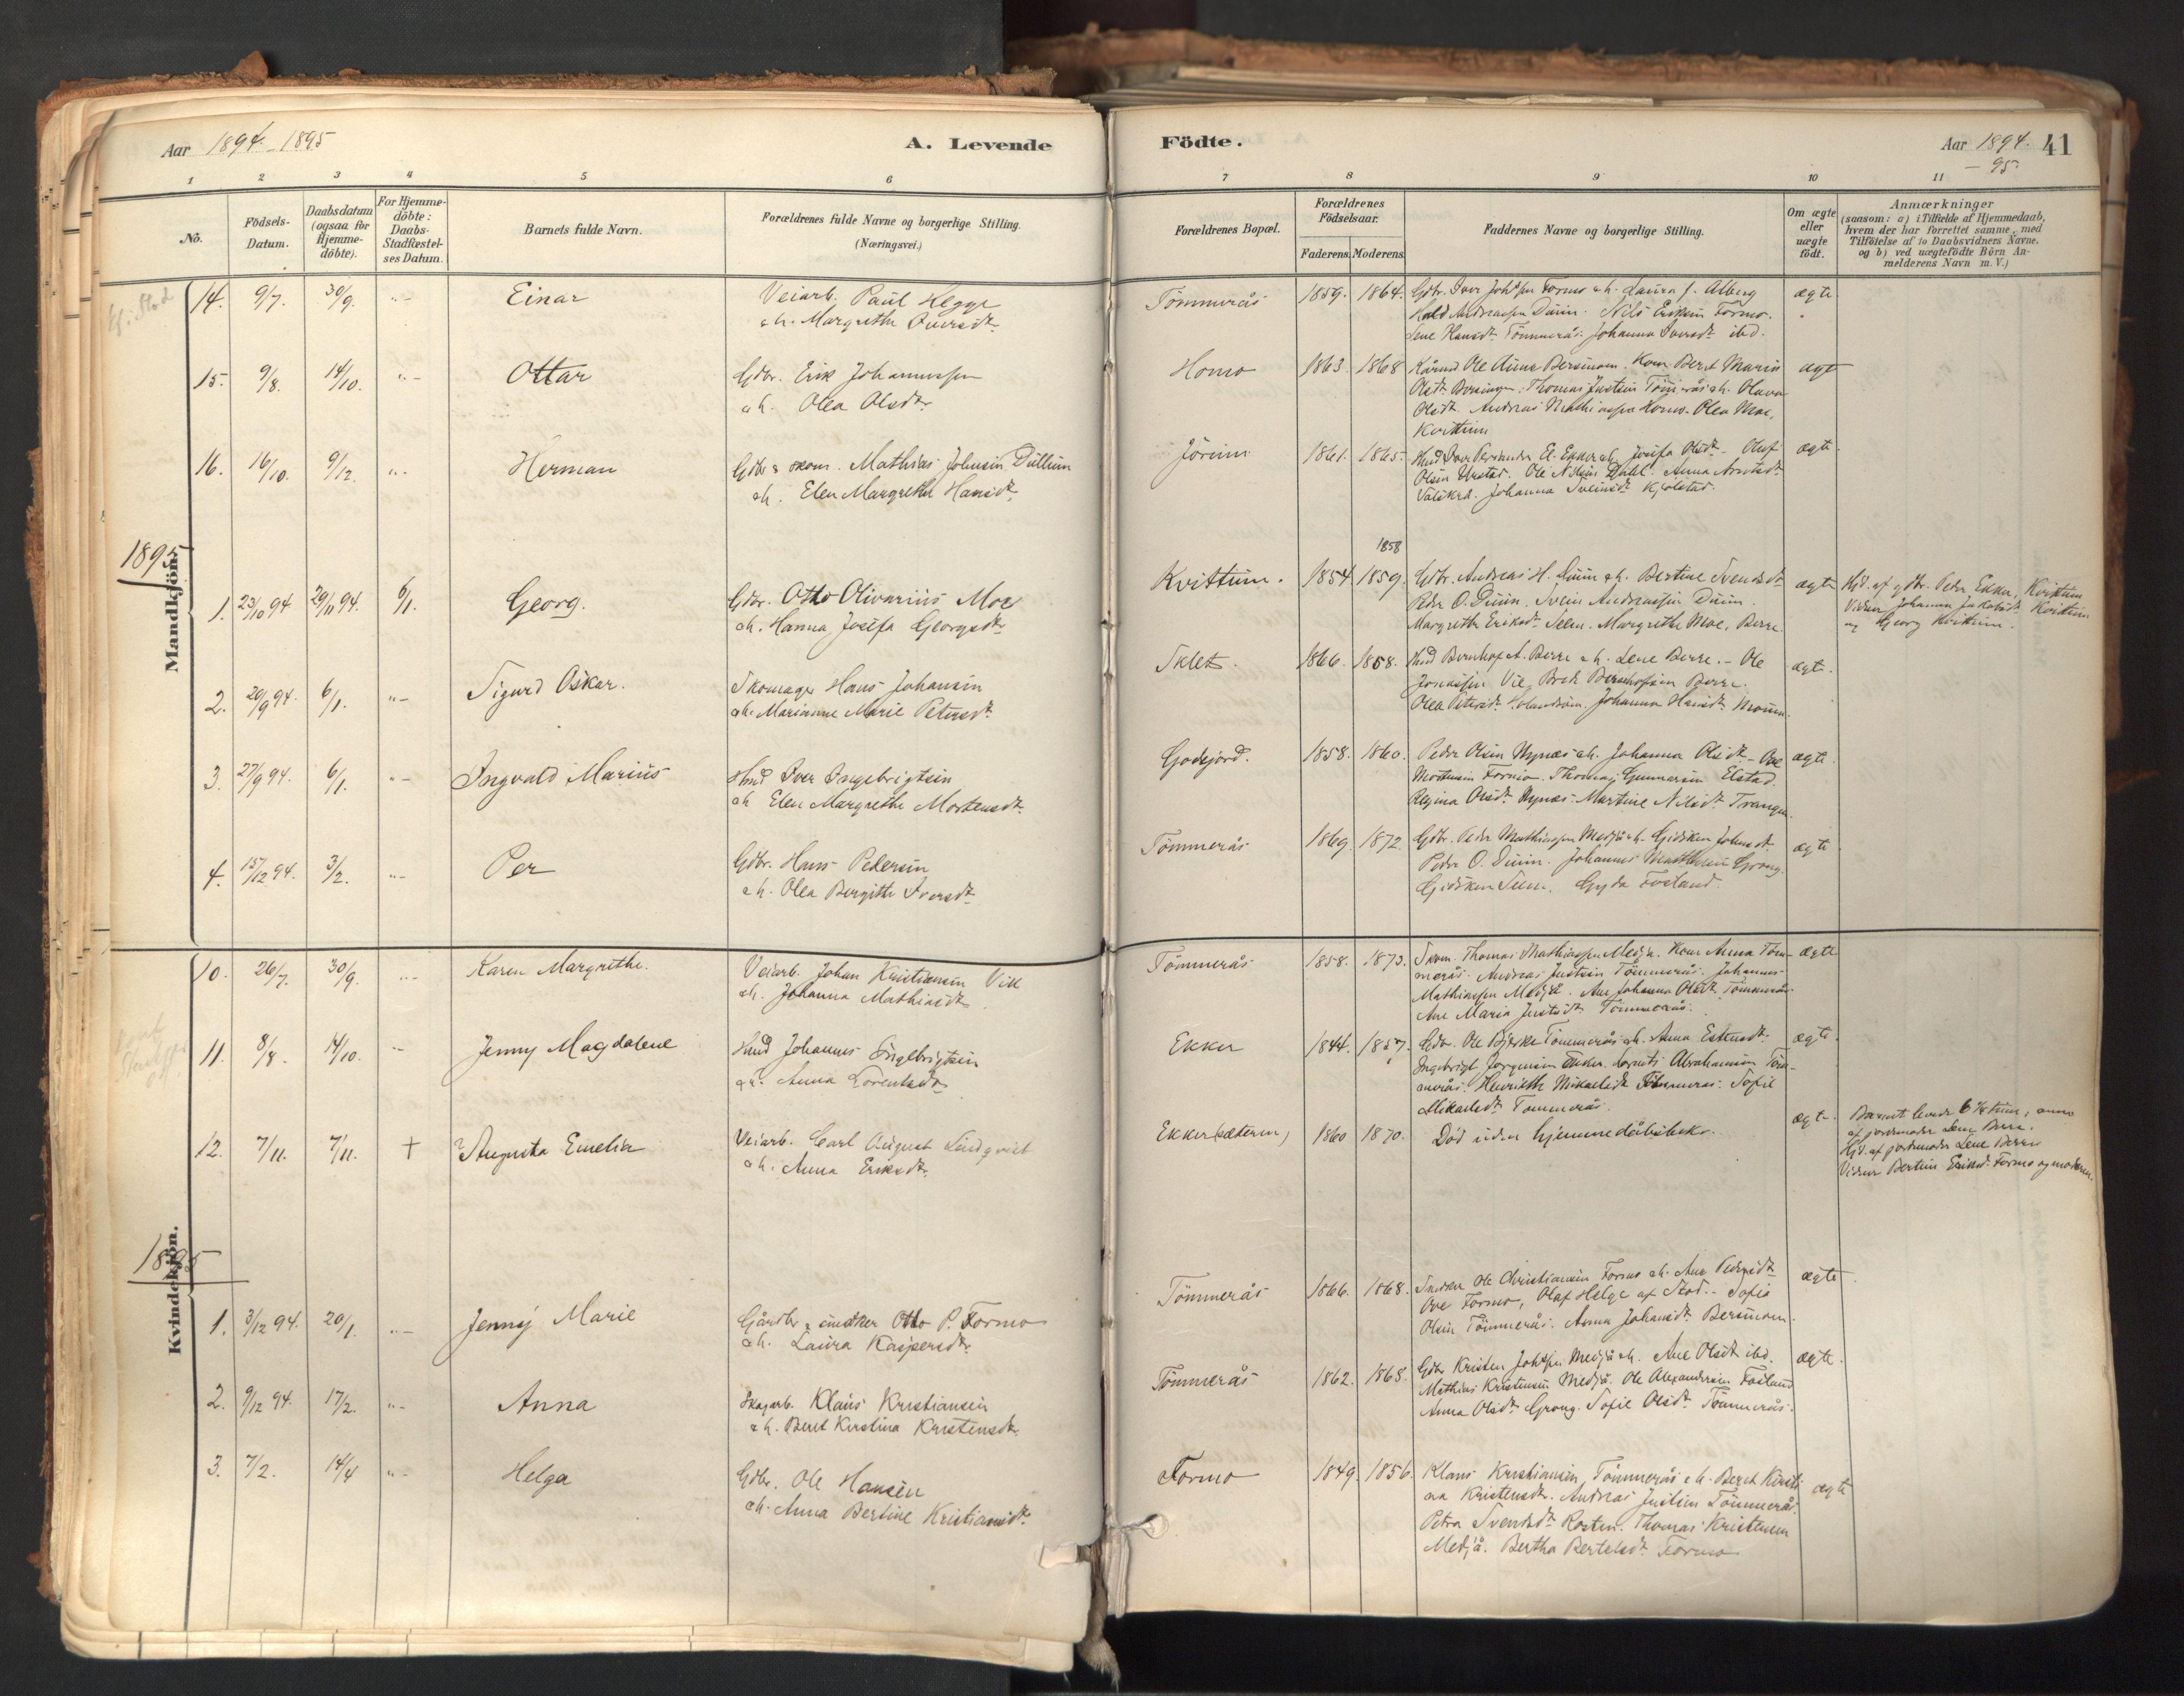 SAT, Ministerialprotokoller, klokkerbøker og fødselsregistre - Nord-Trøndelag, 758/L0519: Ministerialbok nr. 758A04, 1880-1926, s. 41